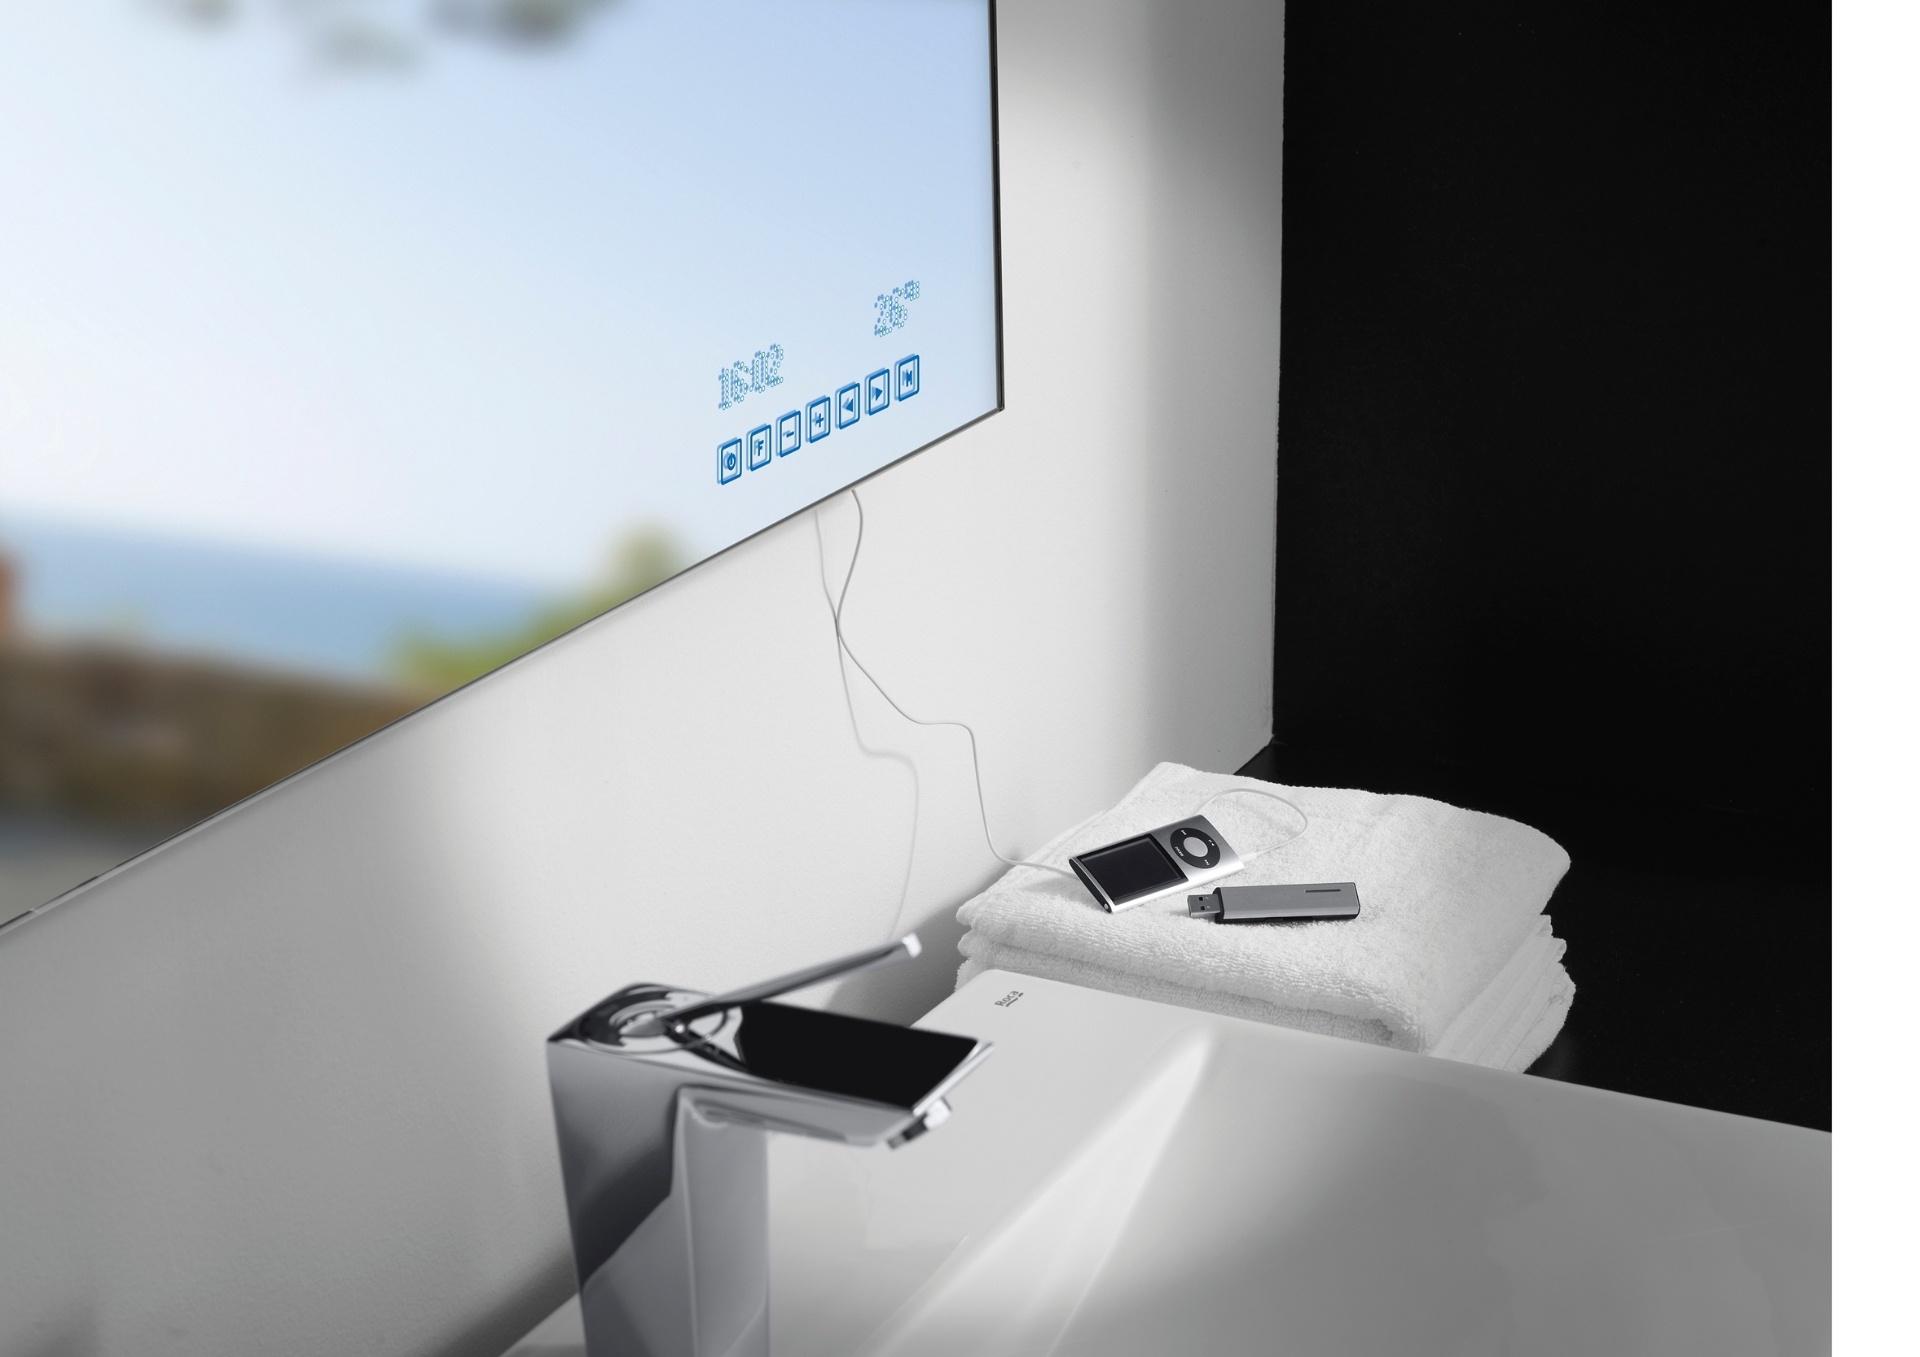 O espelho de banheiro Innova Radio, da Roca (www.br.roca.com), tem rádio FM estéreo, luz fluorescente, dispositivo desembaçador, relógio, medidor de temperatura ambiente e fonte de áudio auxiliar (MP3). O manuseio dessas funções é feito por meio de um teclado digital no próprio item. O produto mede 79 cm por 79 cm e o valor sugerido é R$ 9.260 I Preços pesquisados em julho de 2014 e sujeitos a alterações